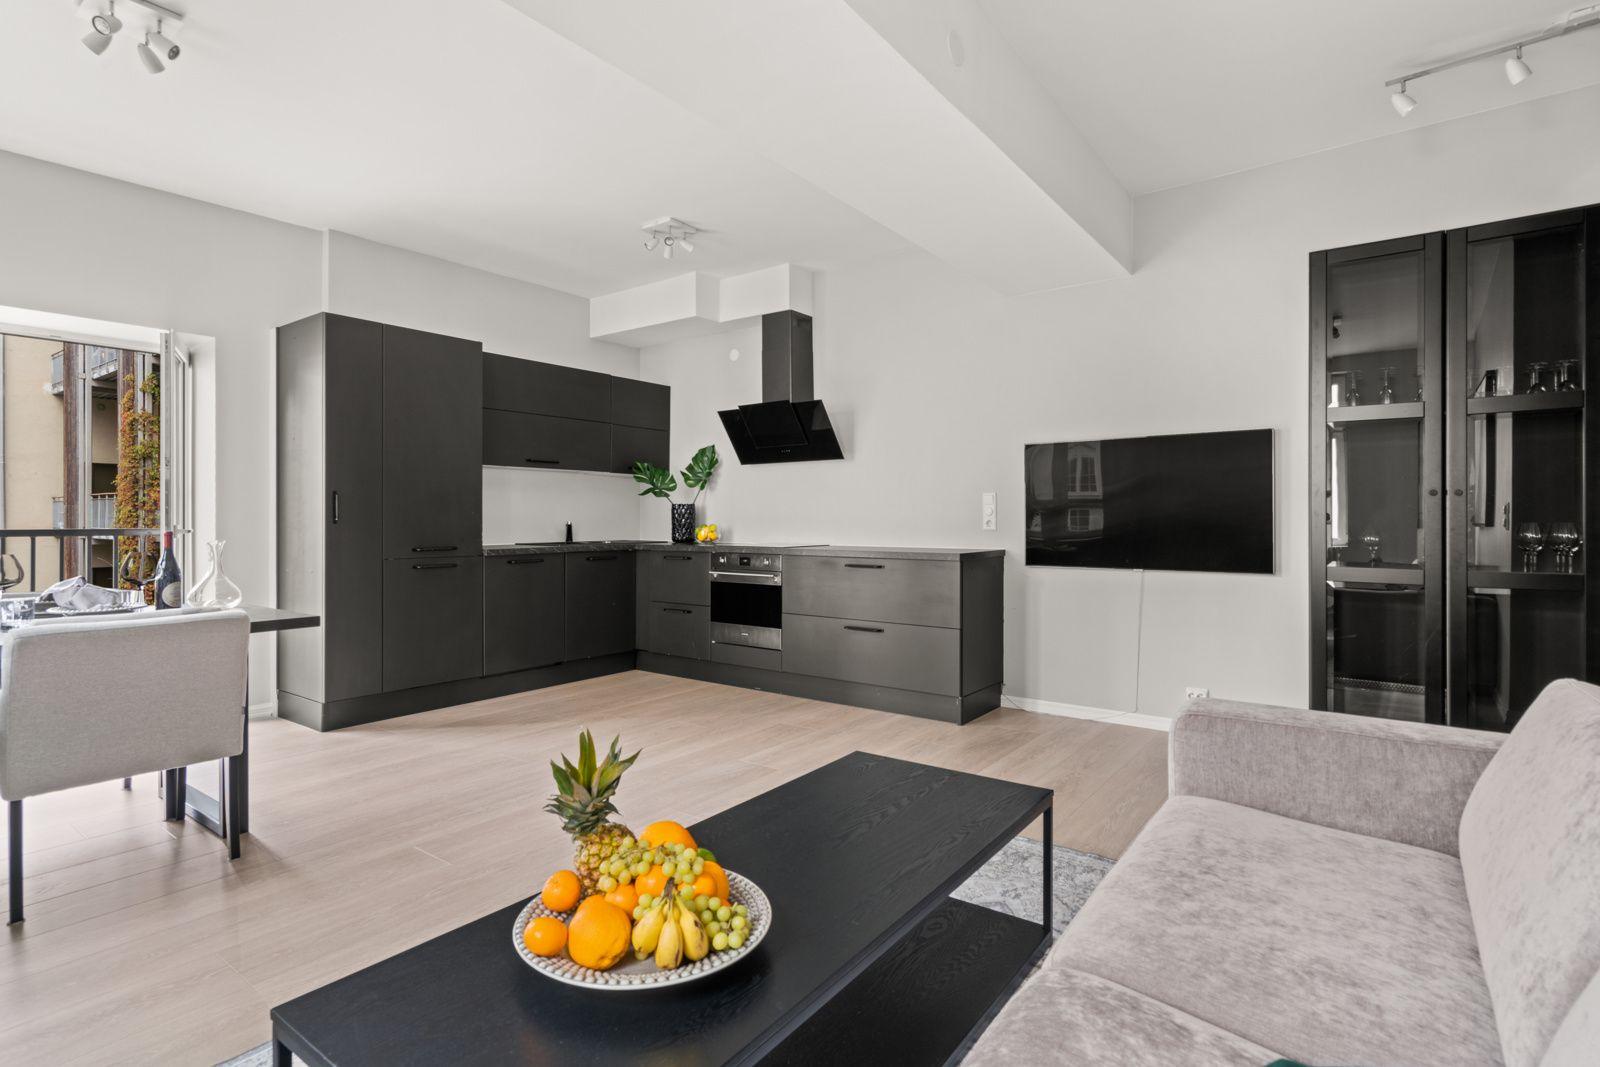 Teglverksgata 11 Kjøkkenet har en åpen løsning mot stuen som er perfekt for sosiale sammenkomster.